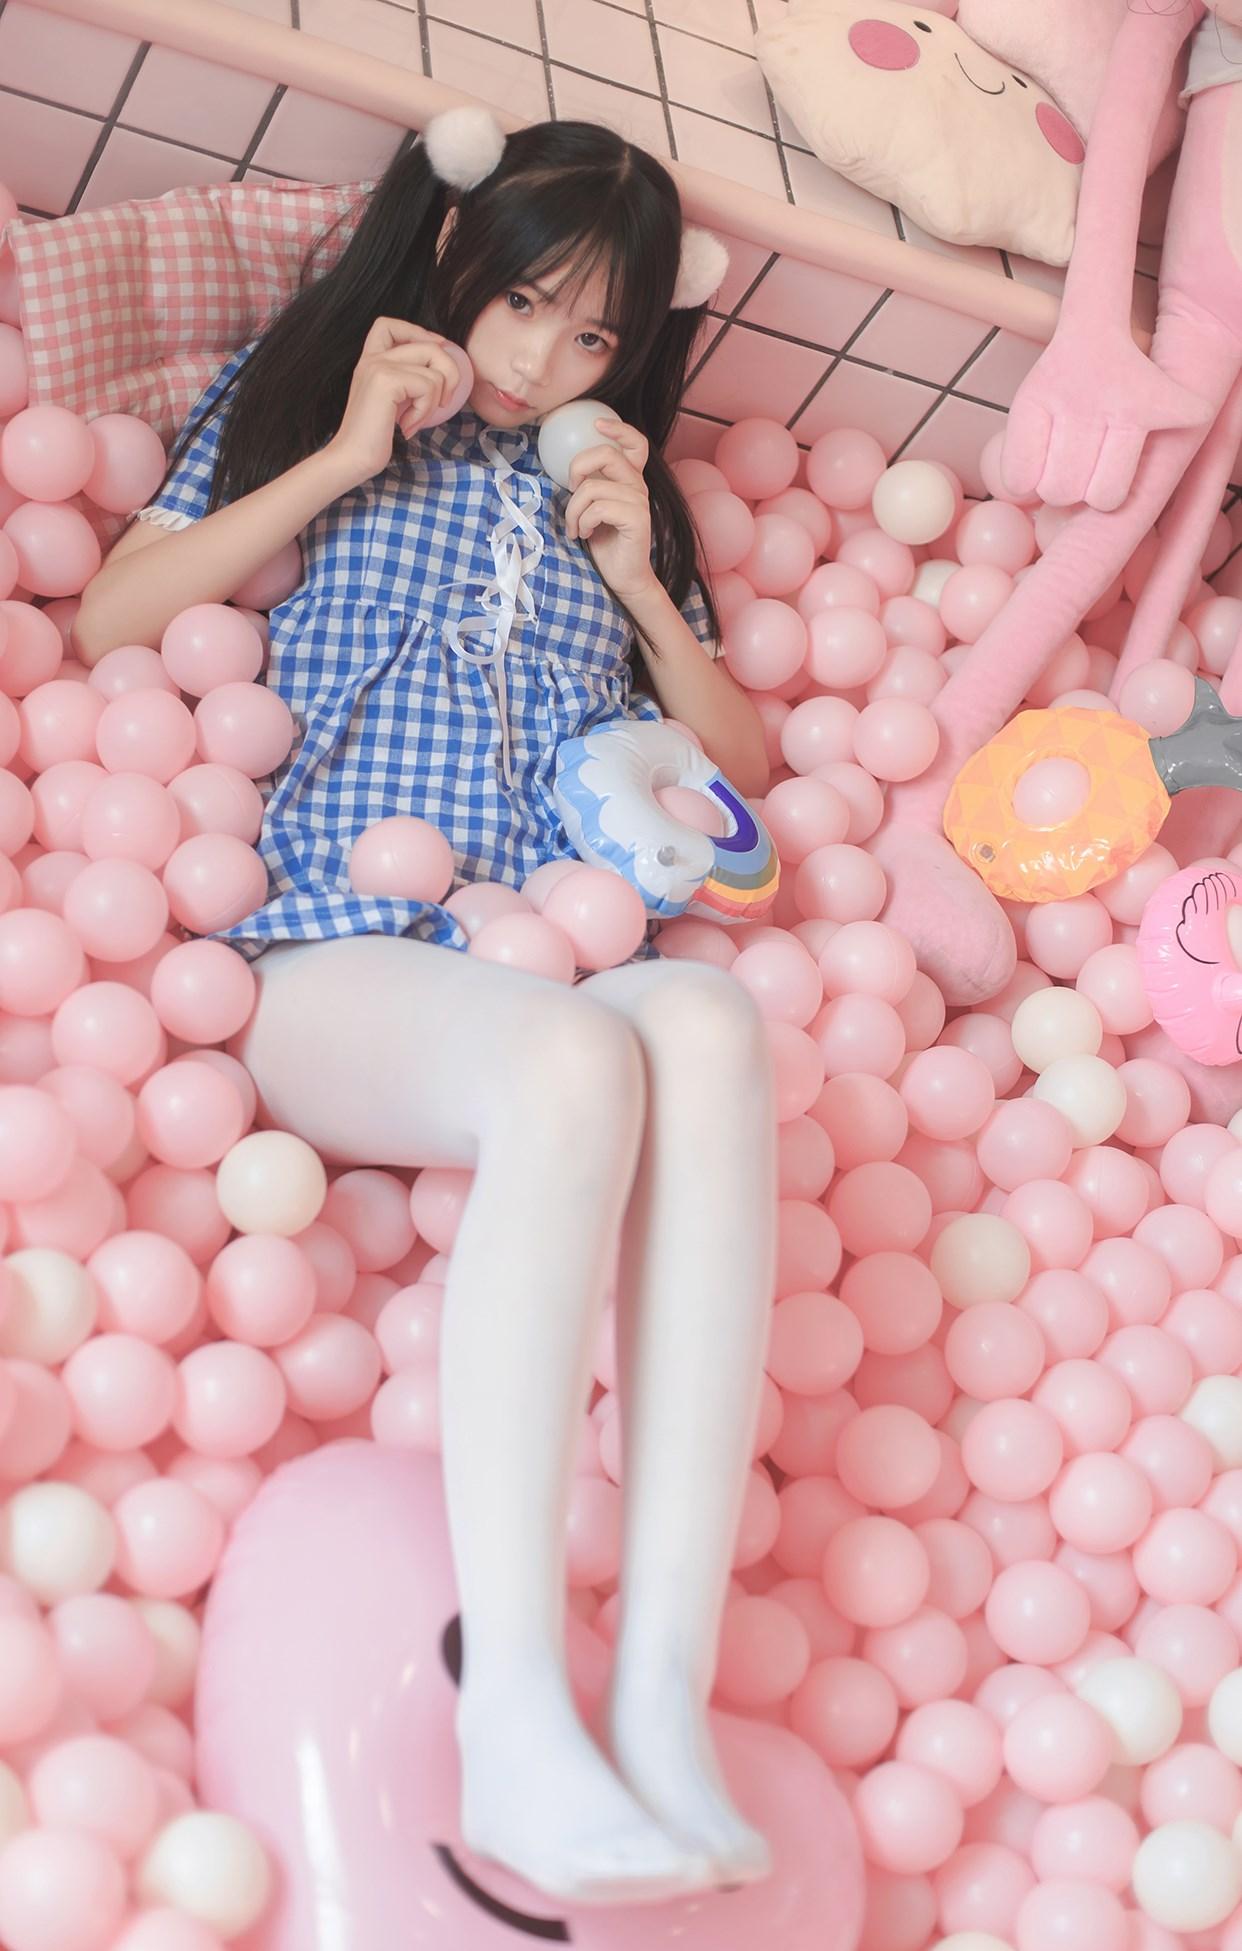 【兔玩映画】粉色的小萝莉 兔玩映画 第41张